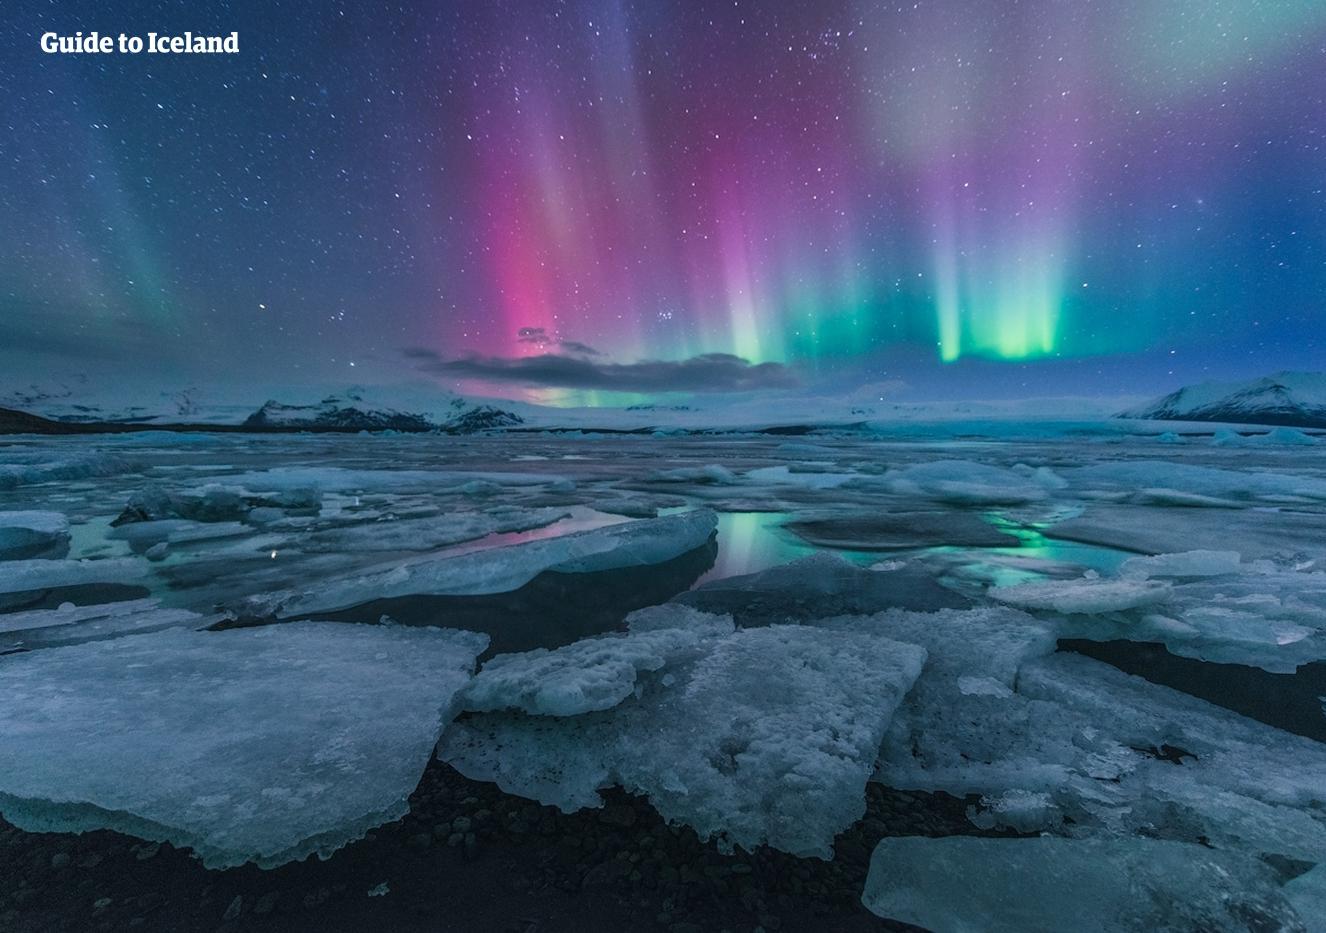 저예산 겨울여행으로 요쿨살론 빙하 호수 너머로 춤추는 오로라를 만나로 출발합니다.